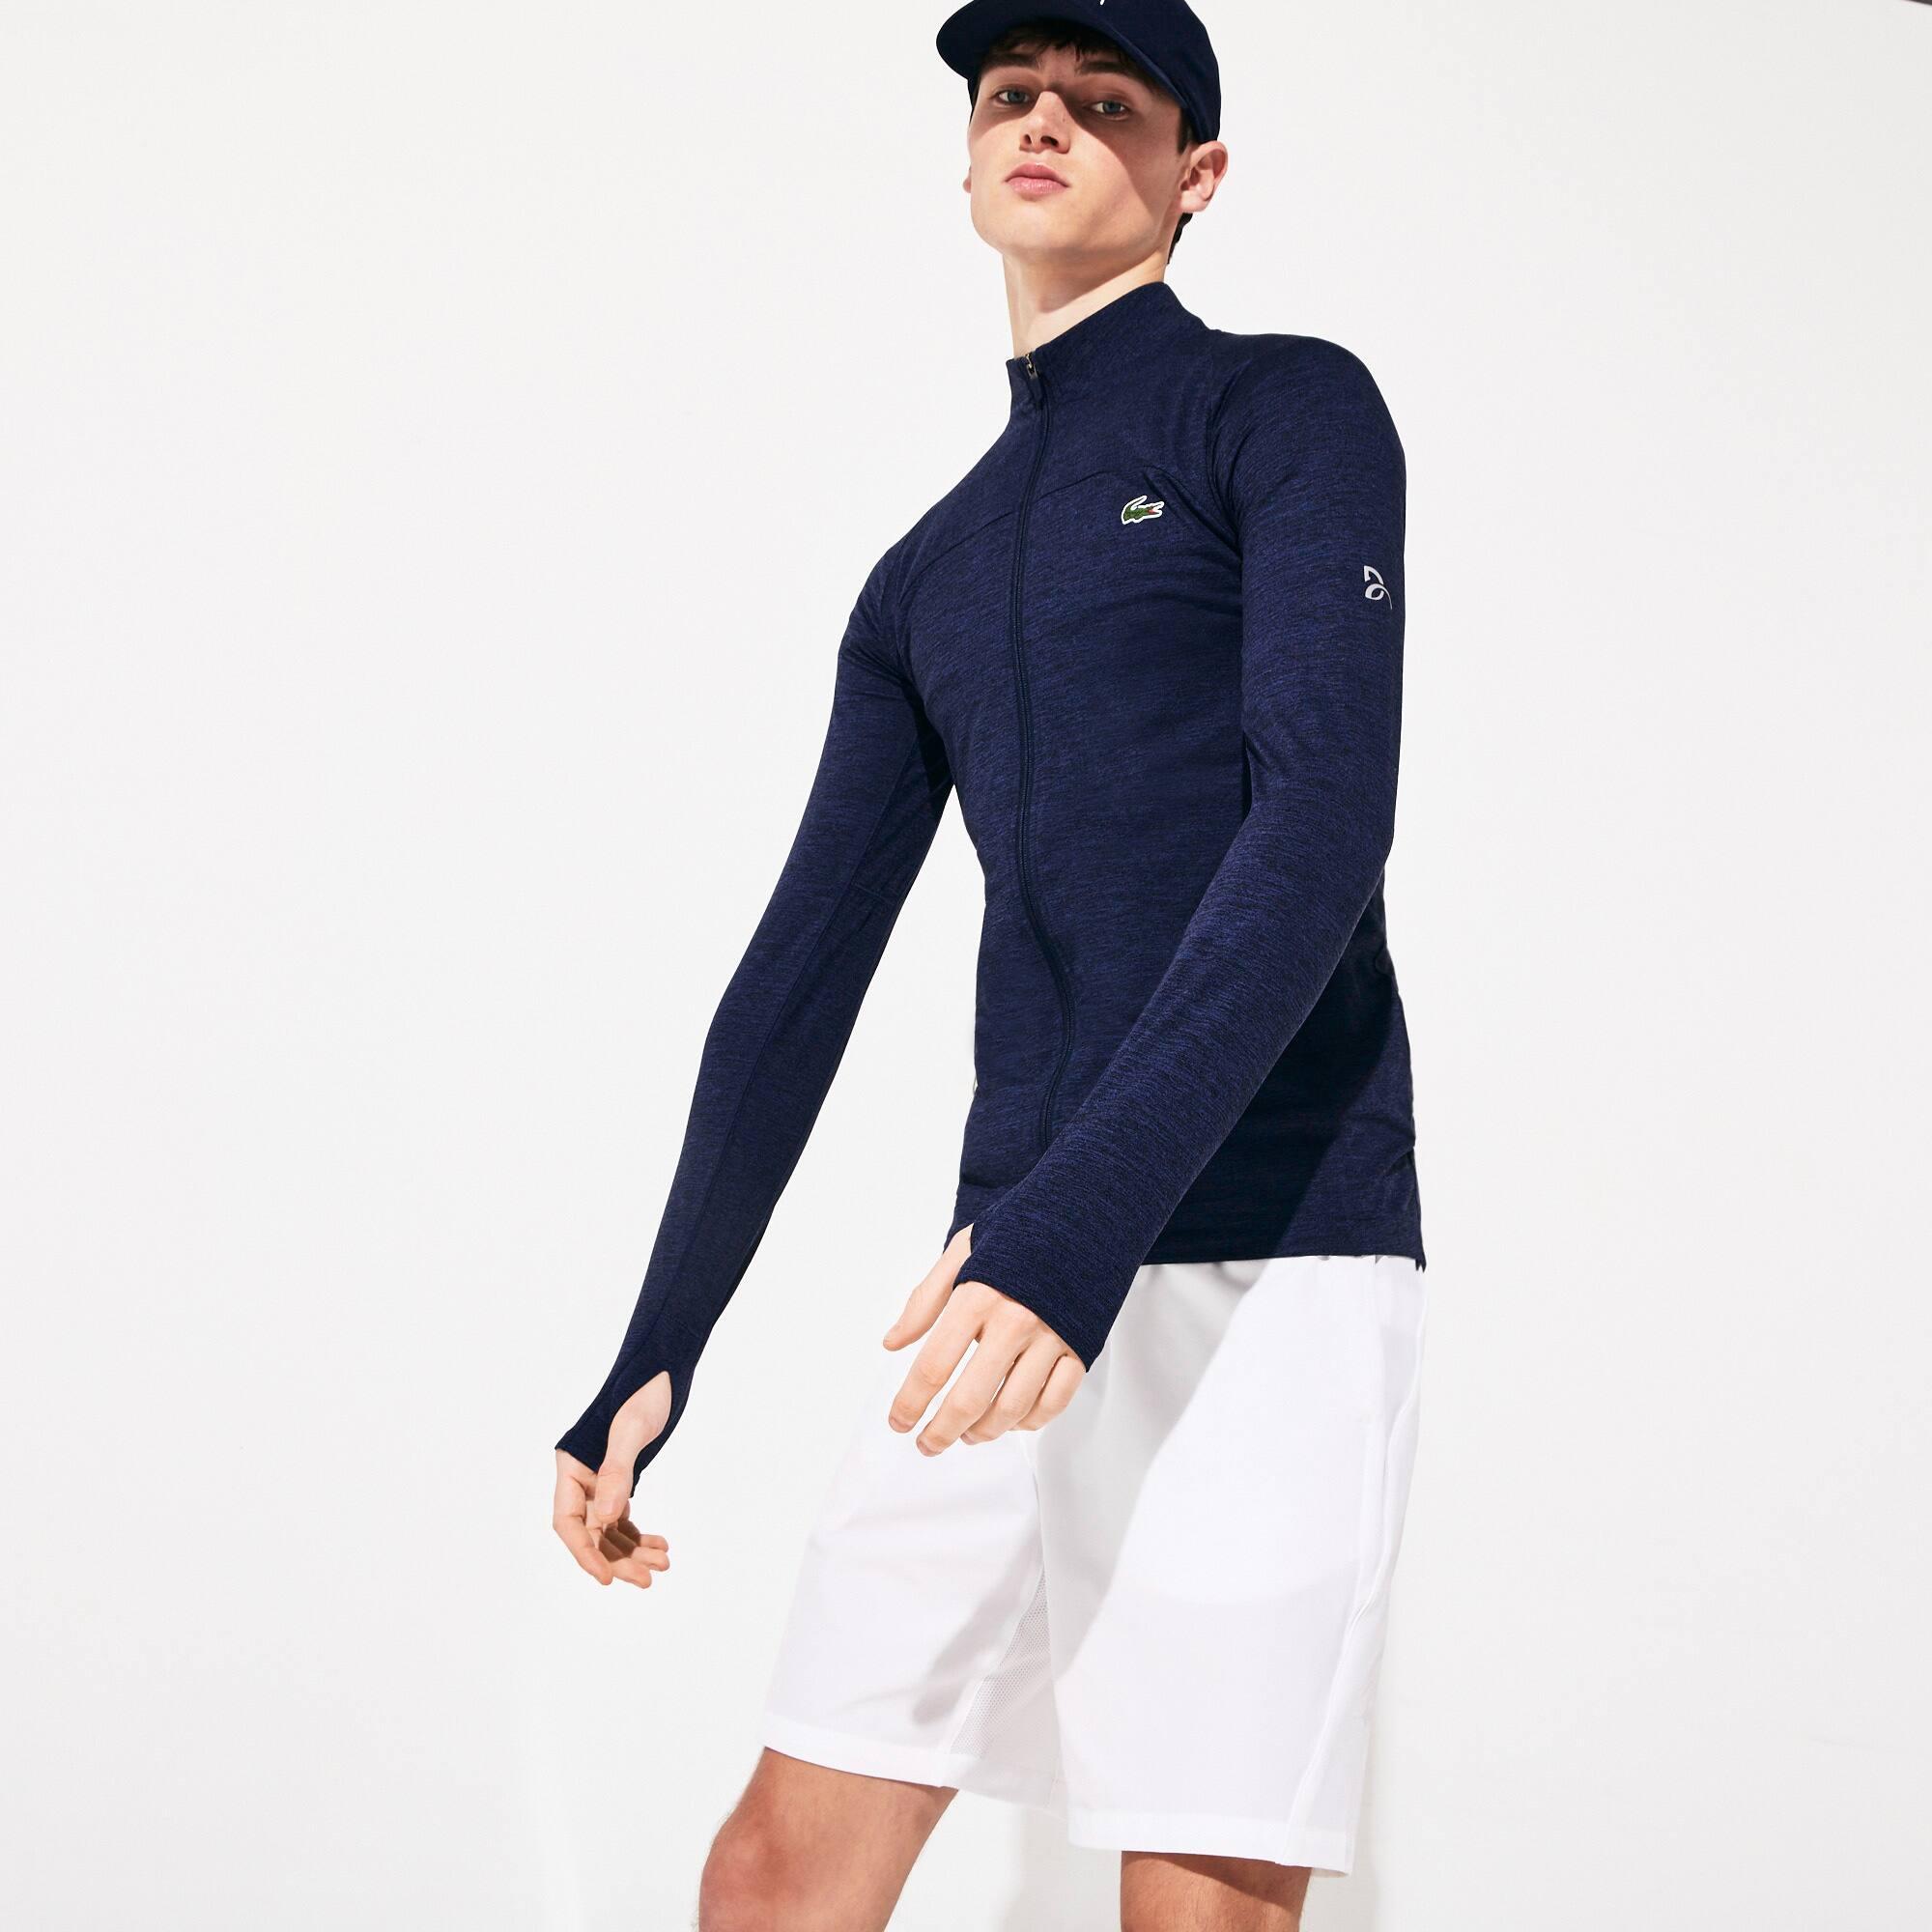 Giacca da uomo elasticizzata con zip Lacoste SPORT x Novak Djokovic